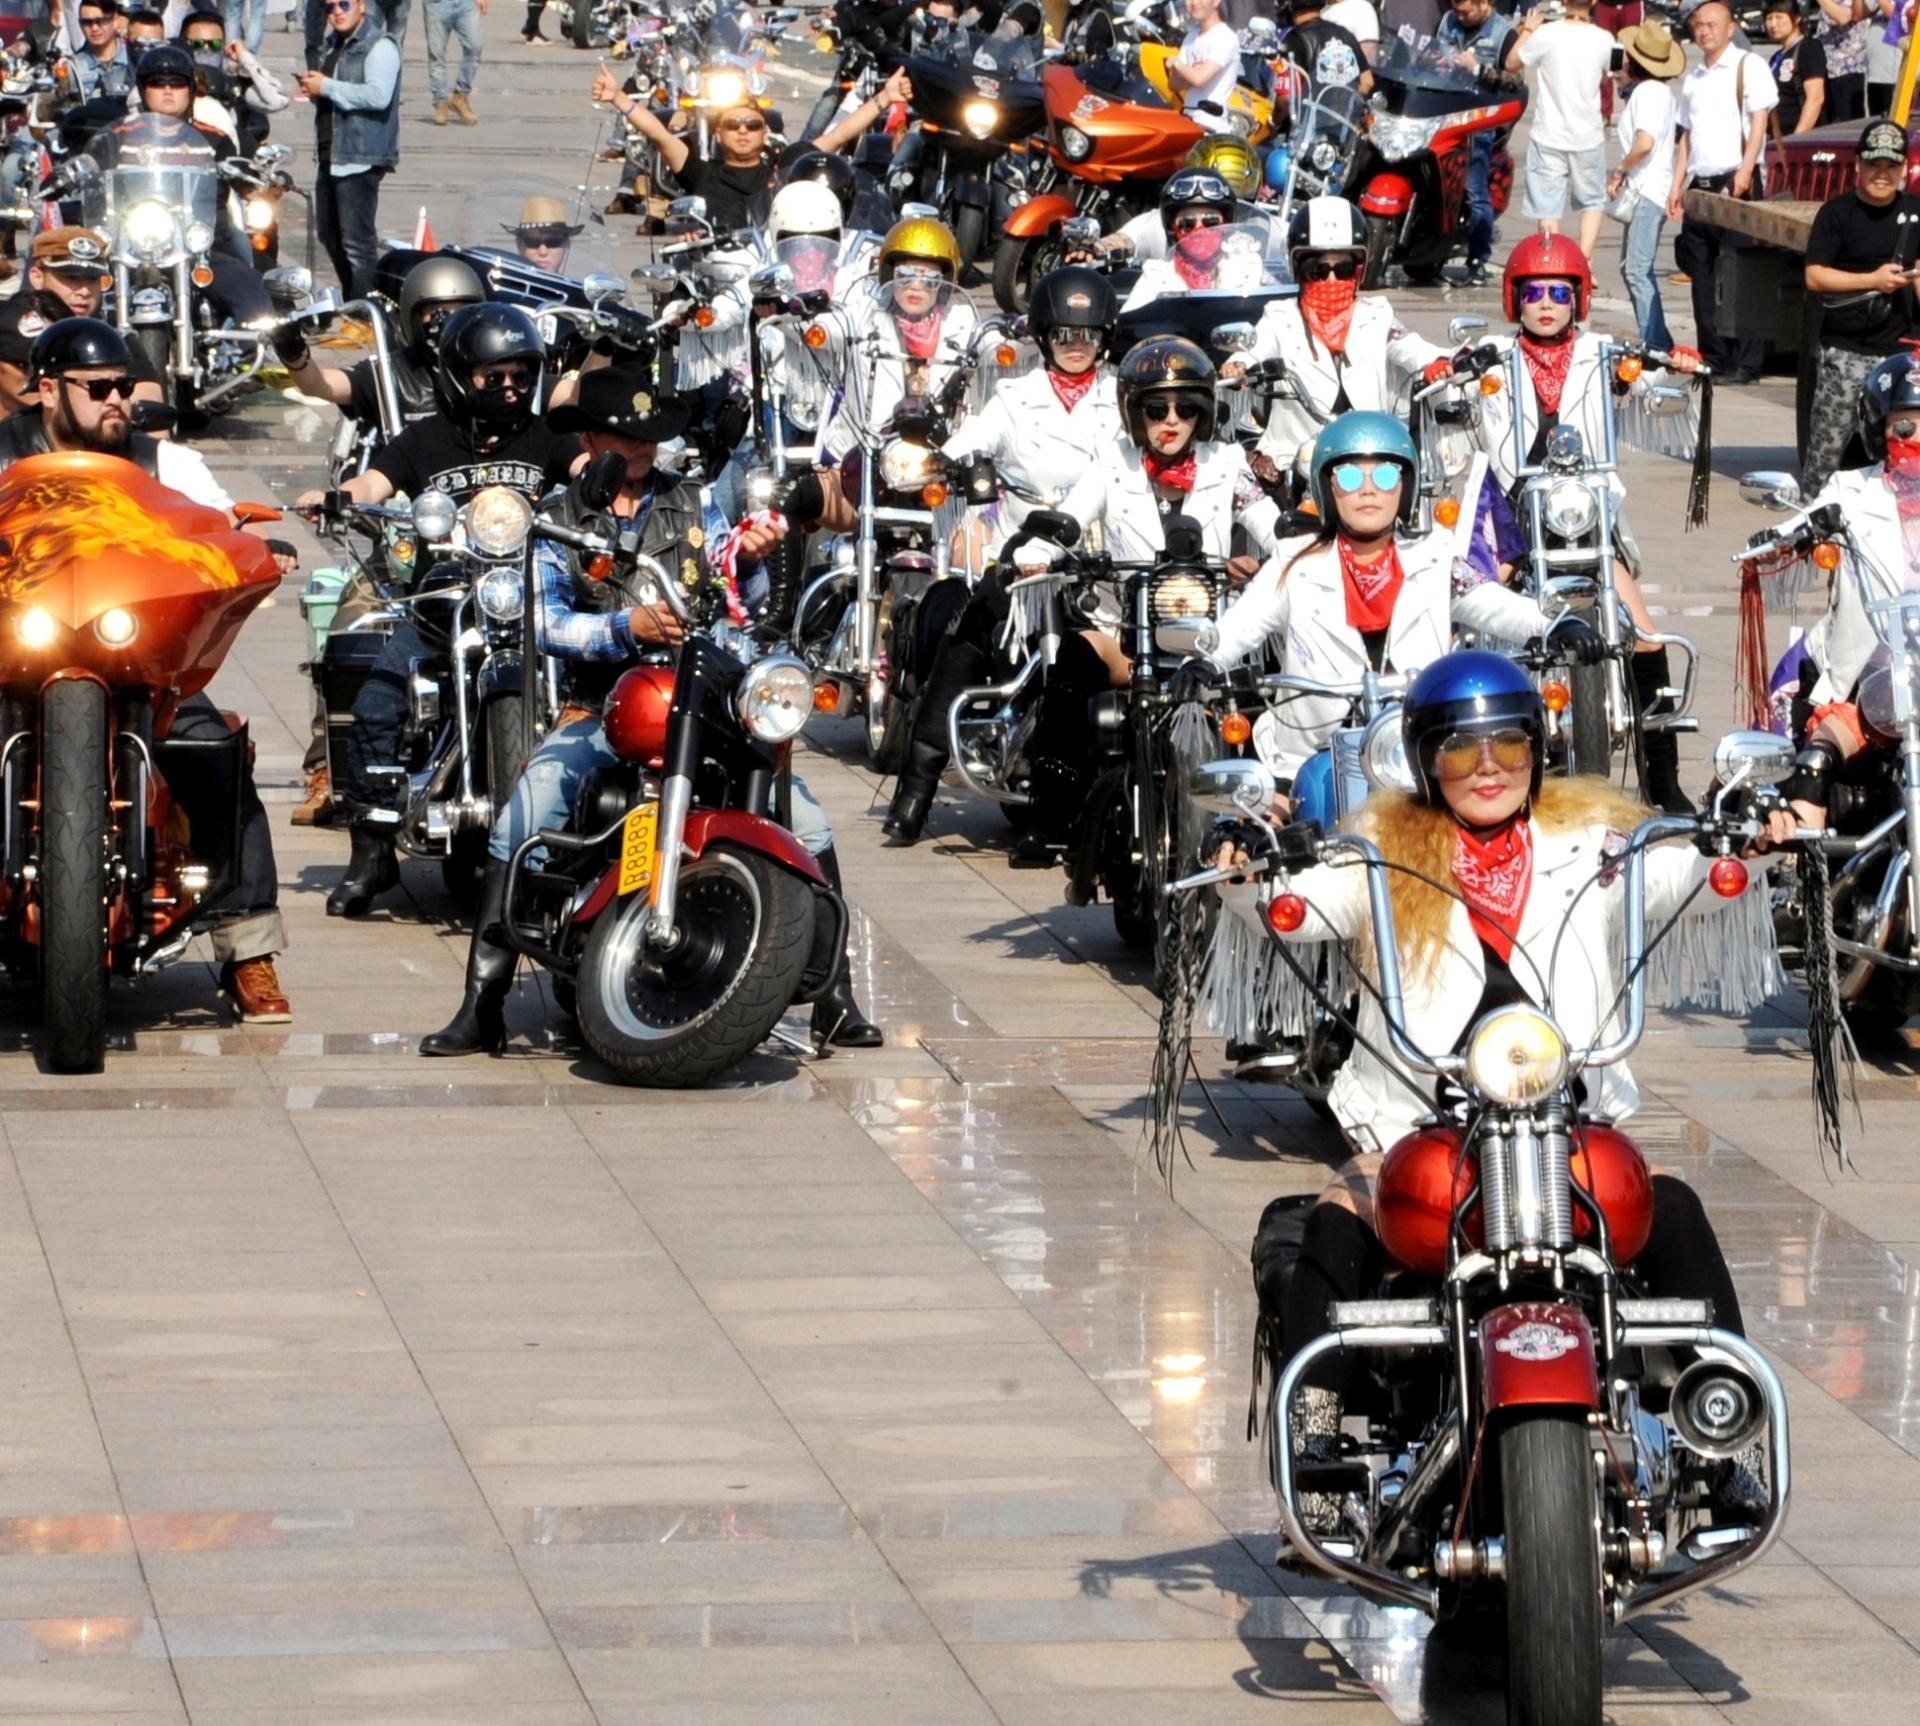 17.jun.2016 - Centenas de motociclistas participam do 4º Festival Internacional de Turismo e Cultura da Motocicleta em Lianyungang, cidade localizada na província de Jiangsu, no leste da China